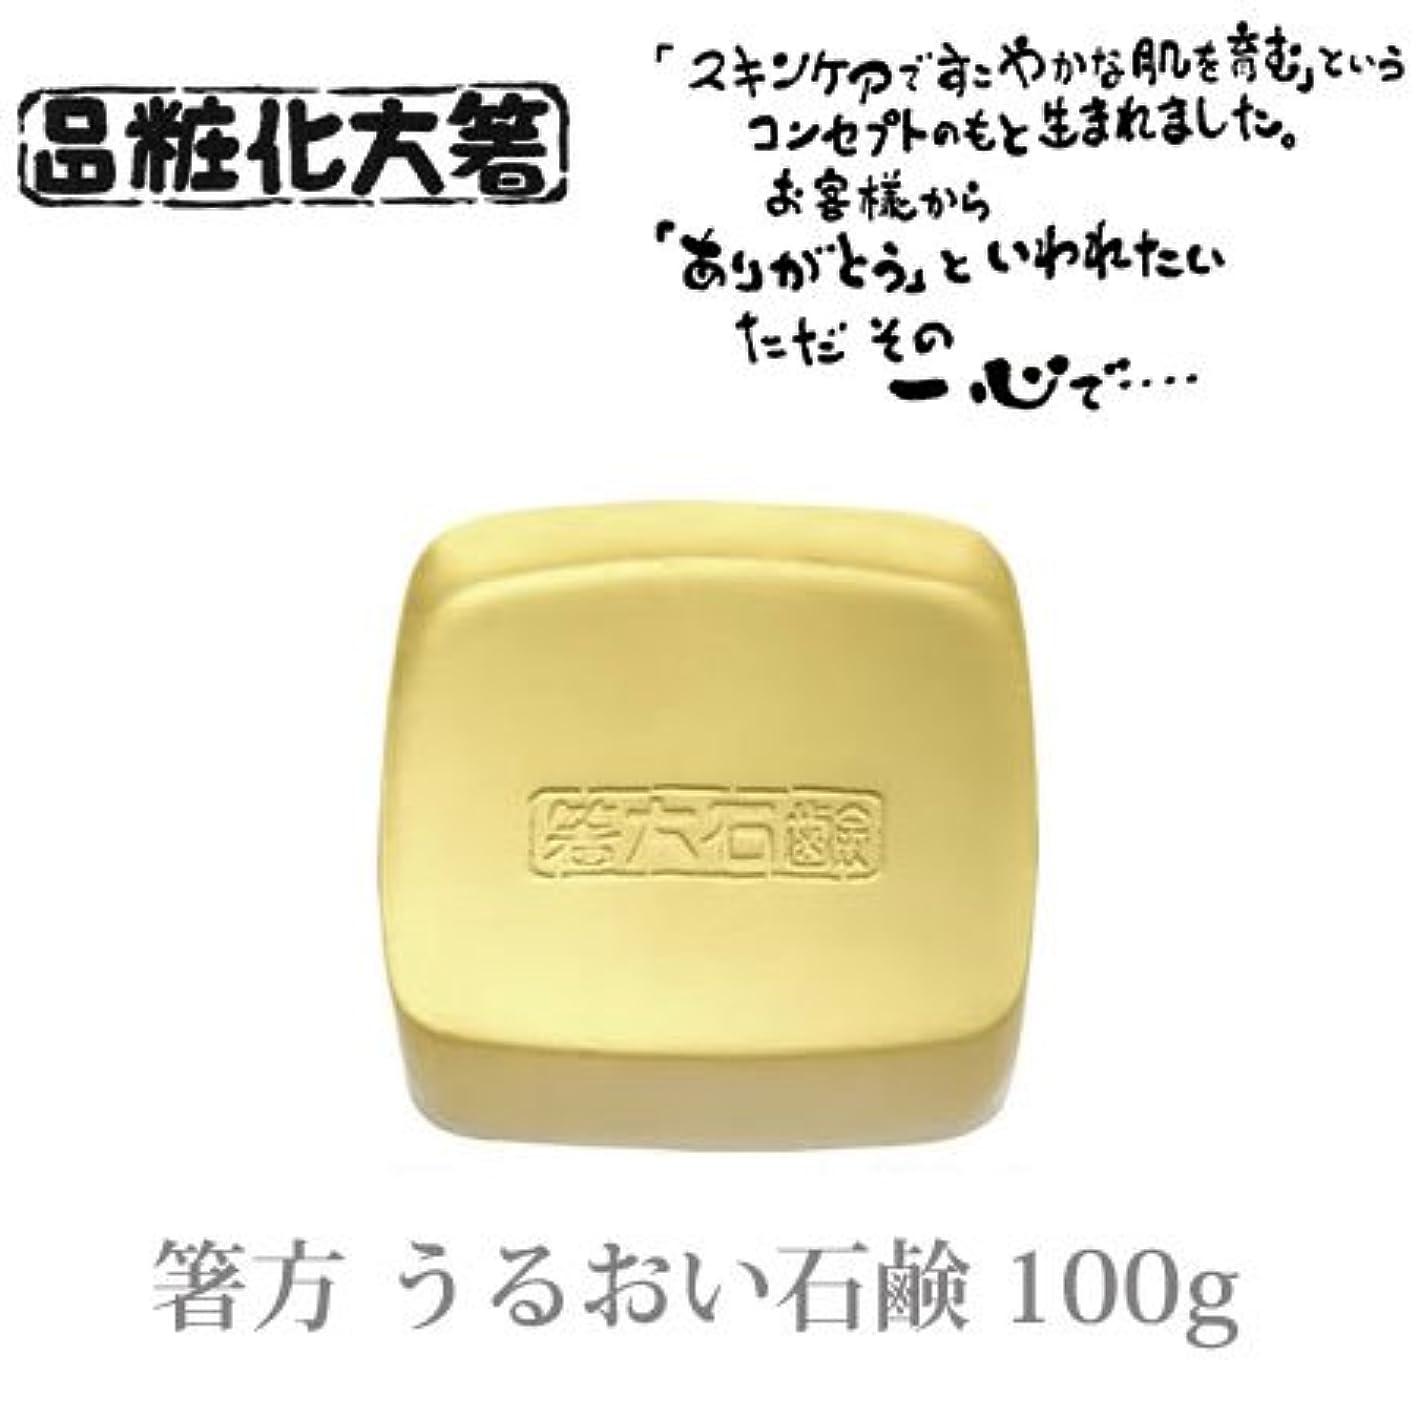 仕事に行く労苦抑圧する箸方化粧品 うるおい石鹸 100g はしかた化粧品